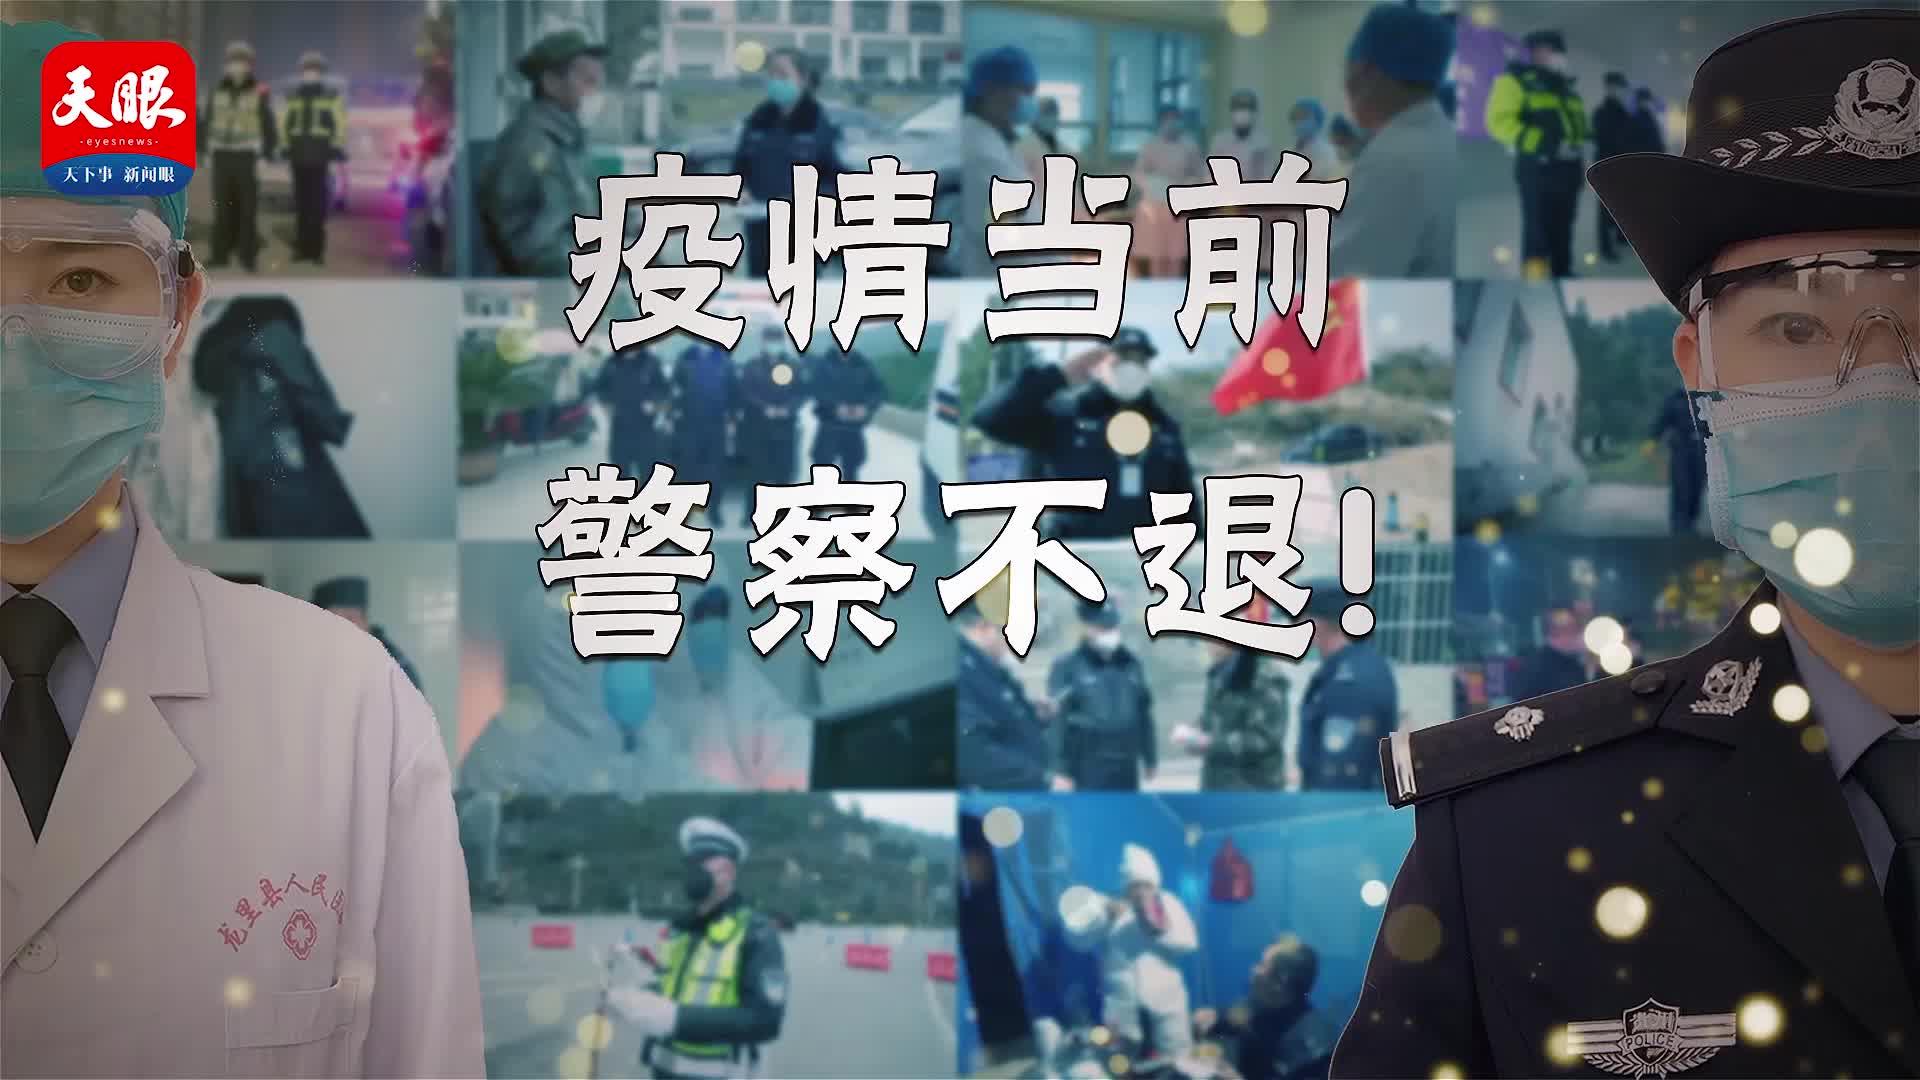 龙里县公安局制作抗疫歌曲《我在这里》 向所有抗疫一线的广大民警辅警致敬!